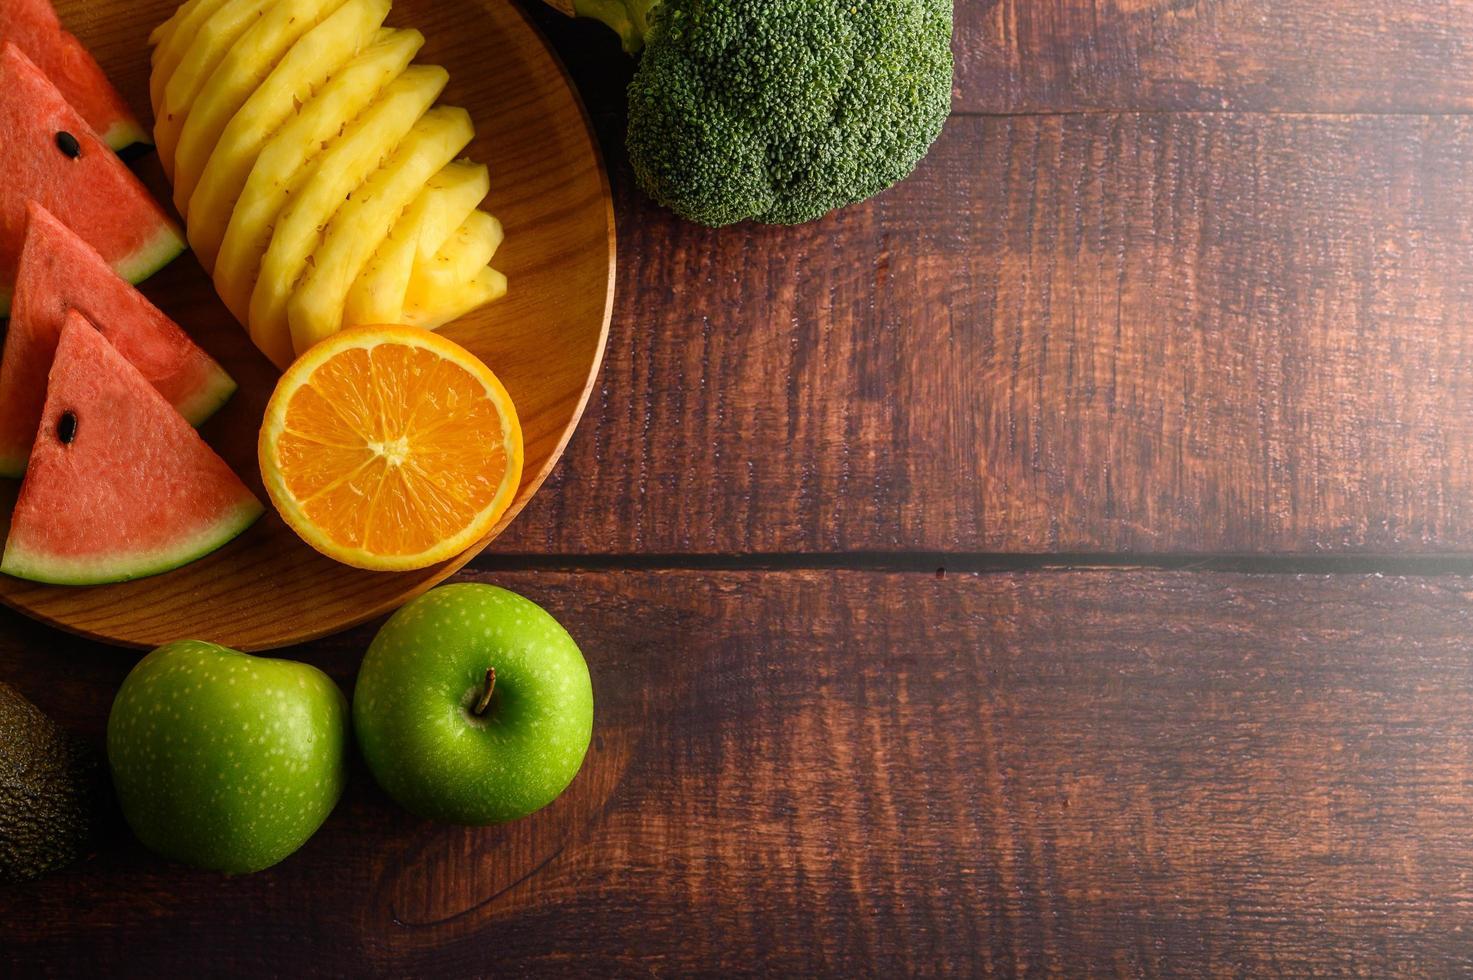 sandía de colores, piña, naranjas con aguacate y manzanas foto